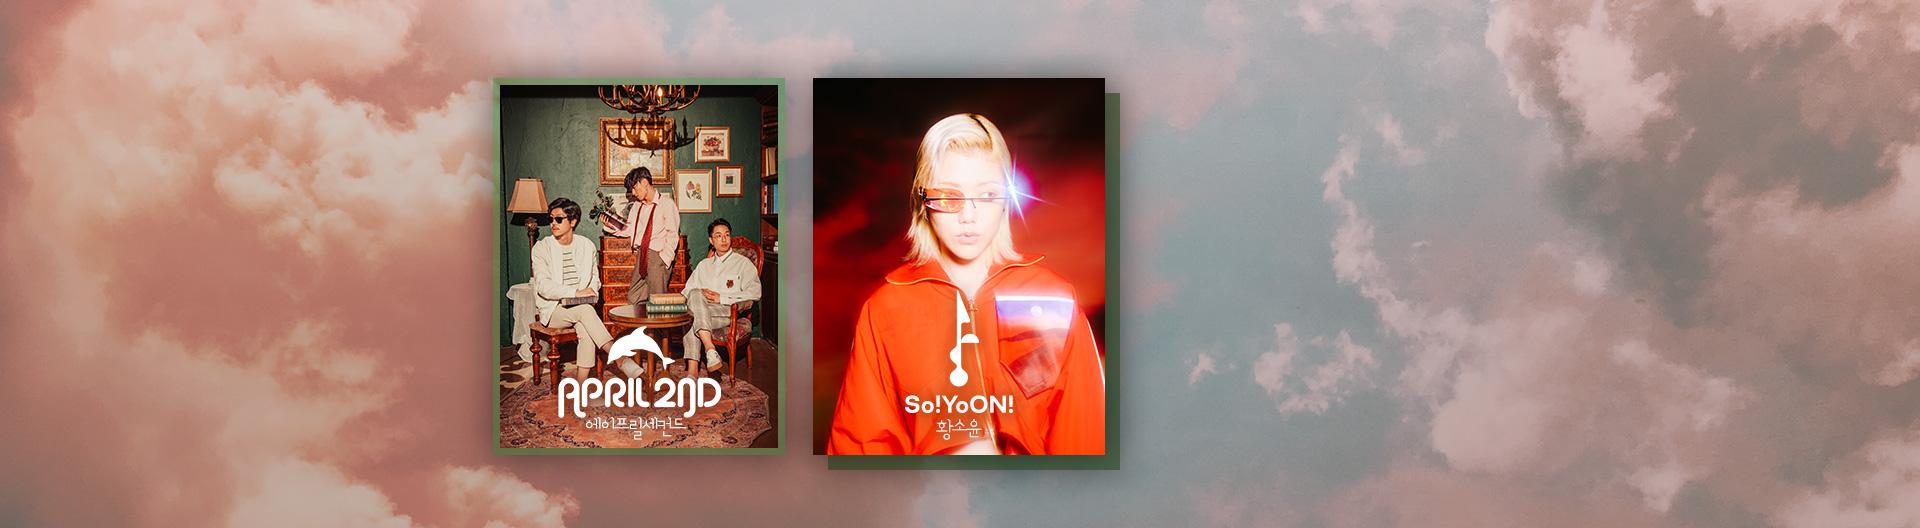 에이프릴 세컨드(April 2nd) X So!YoON!(황소윤)